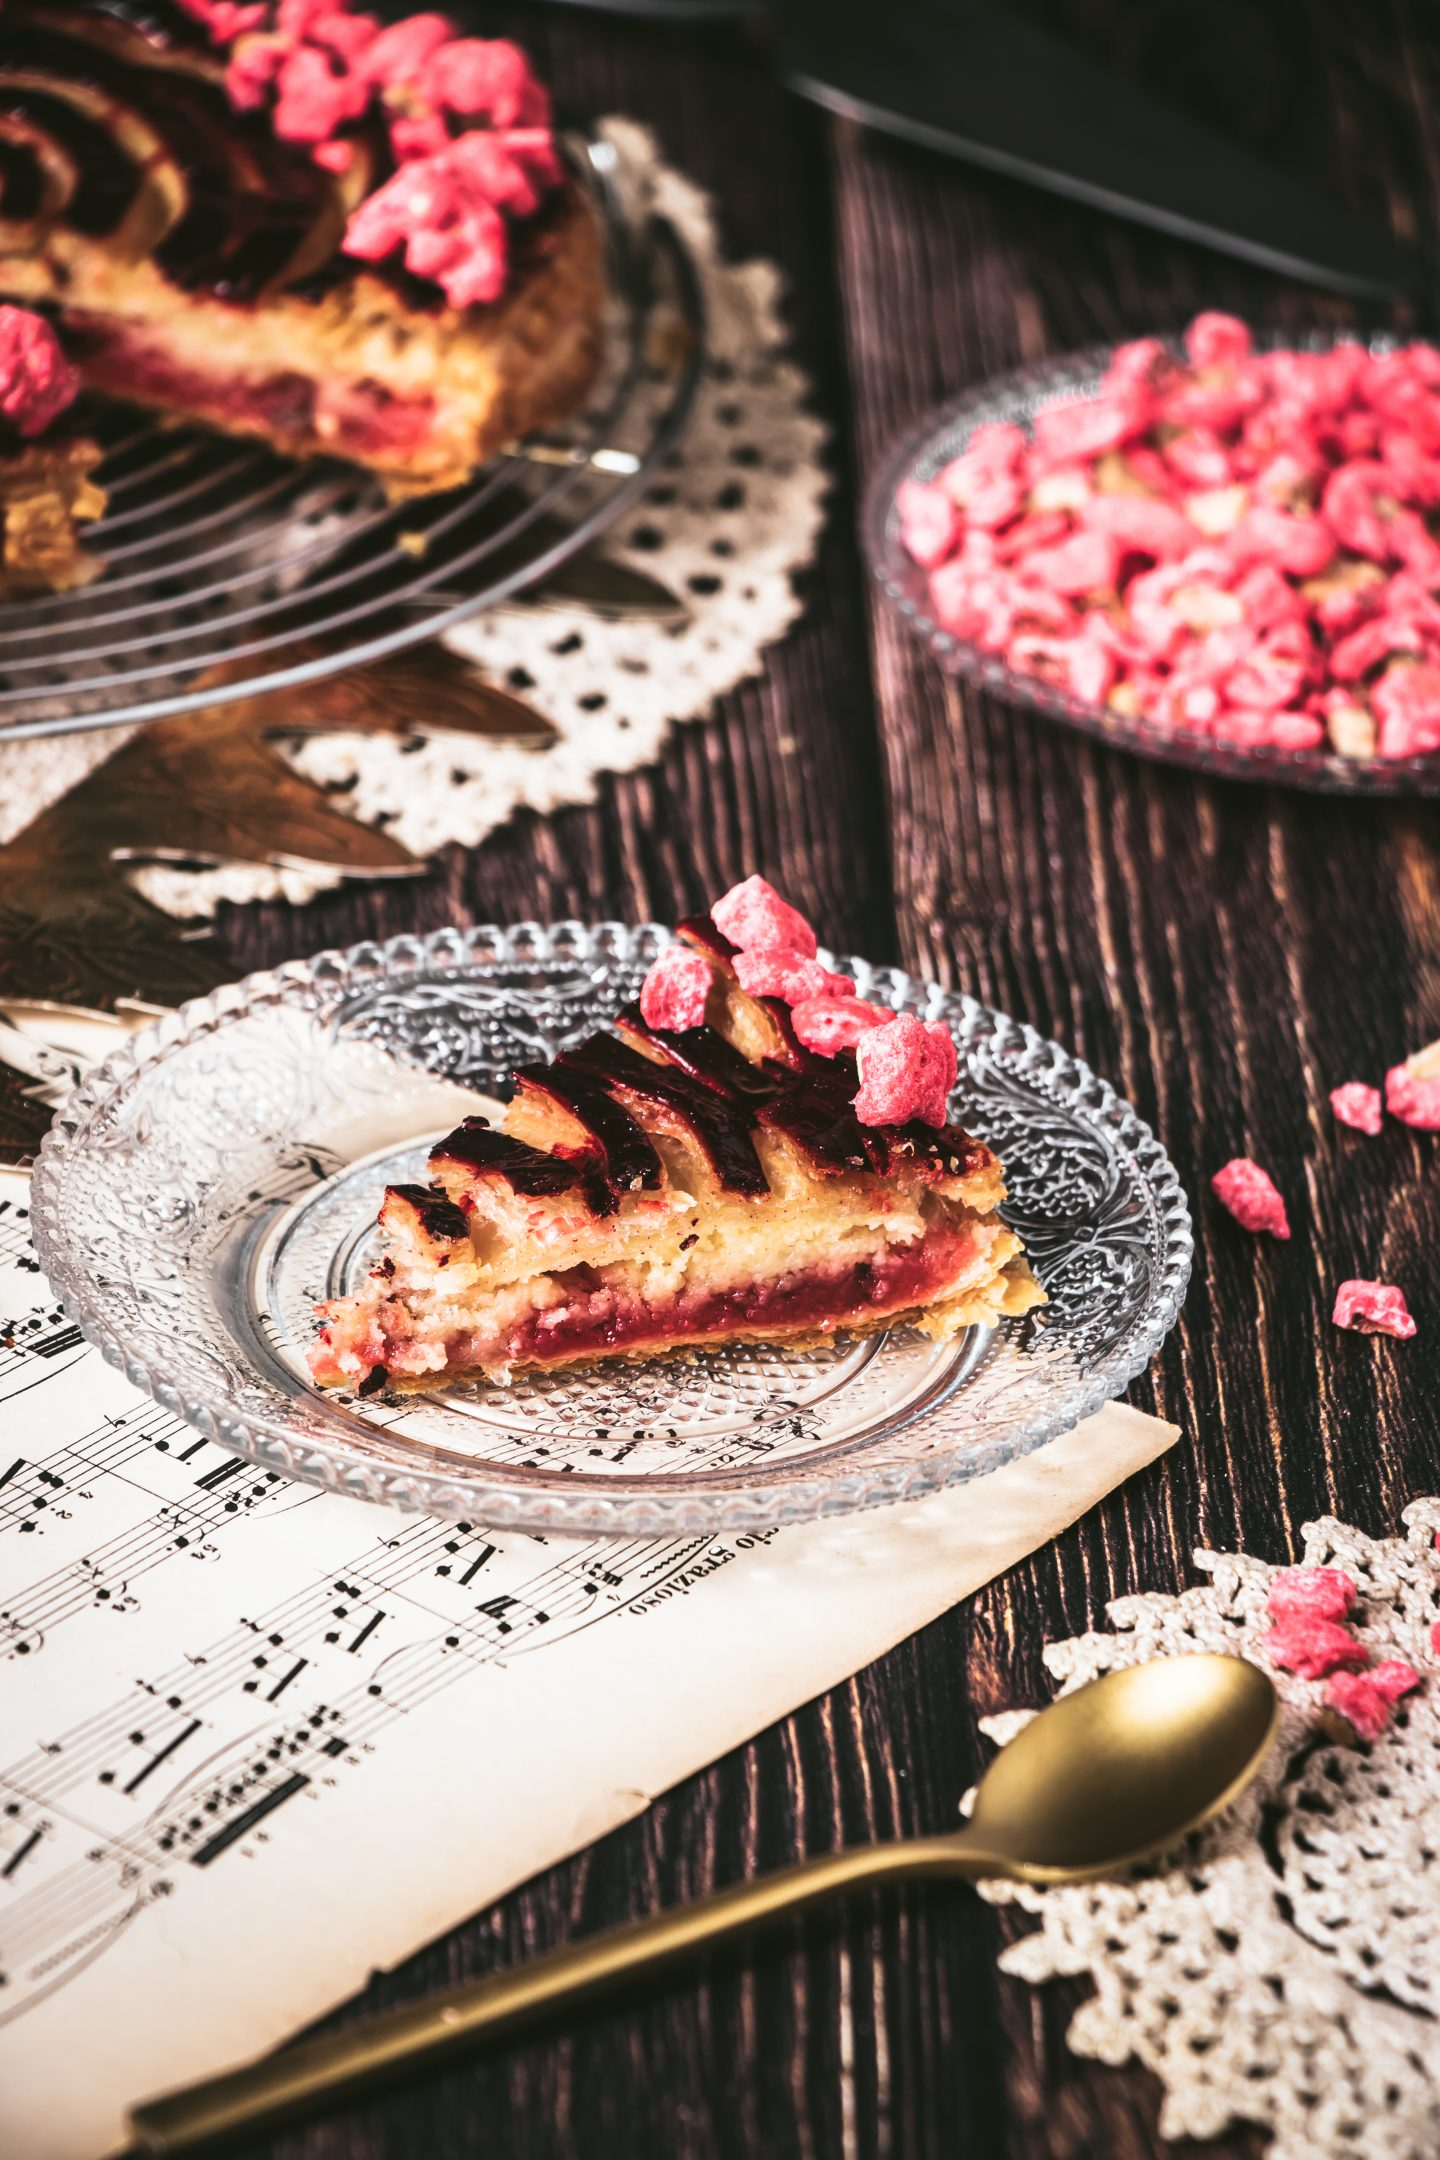 Recette galettes des rois pralines roses